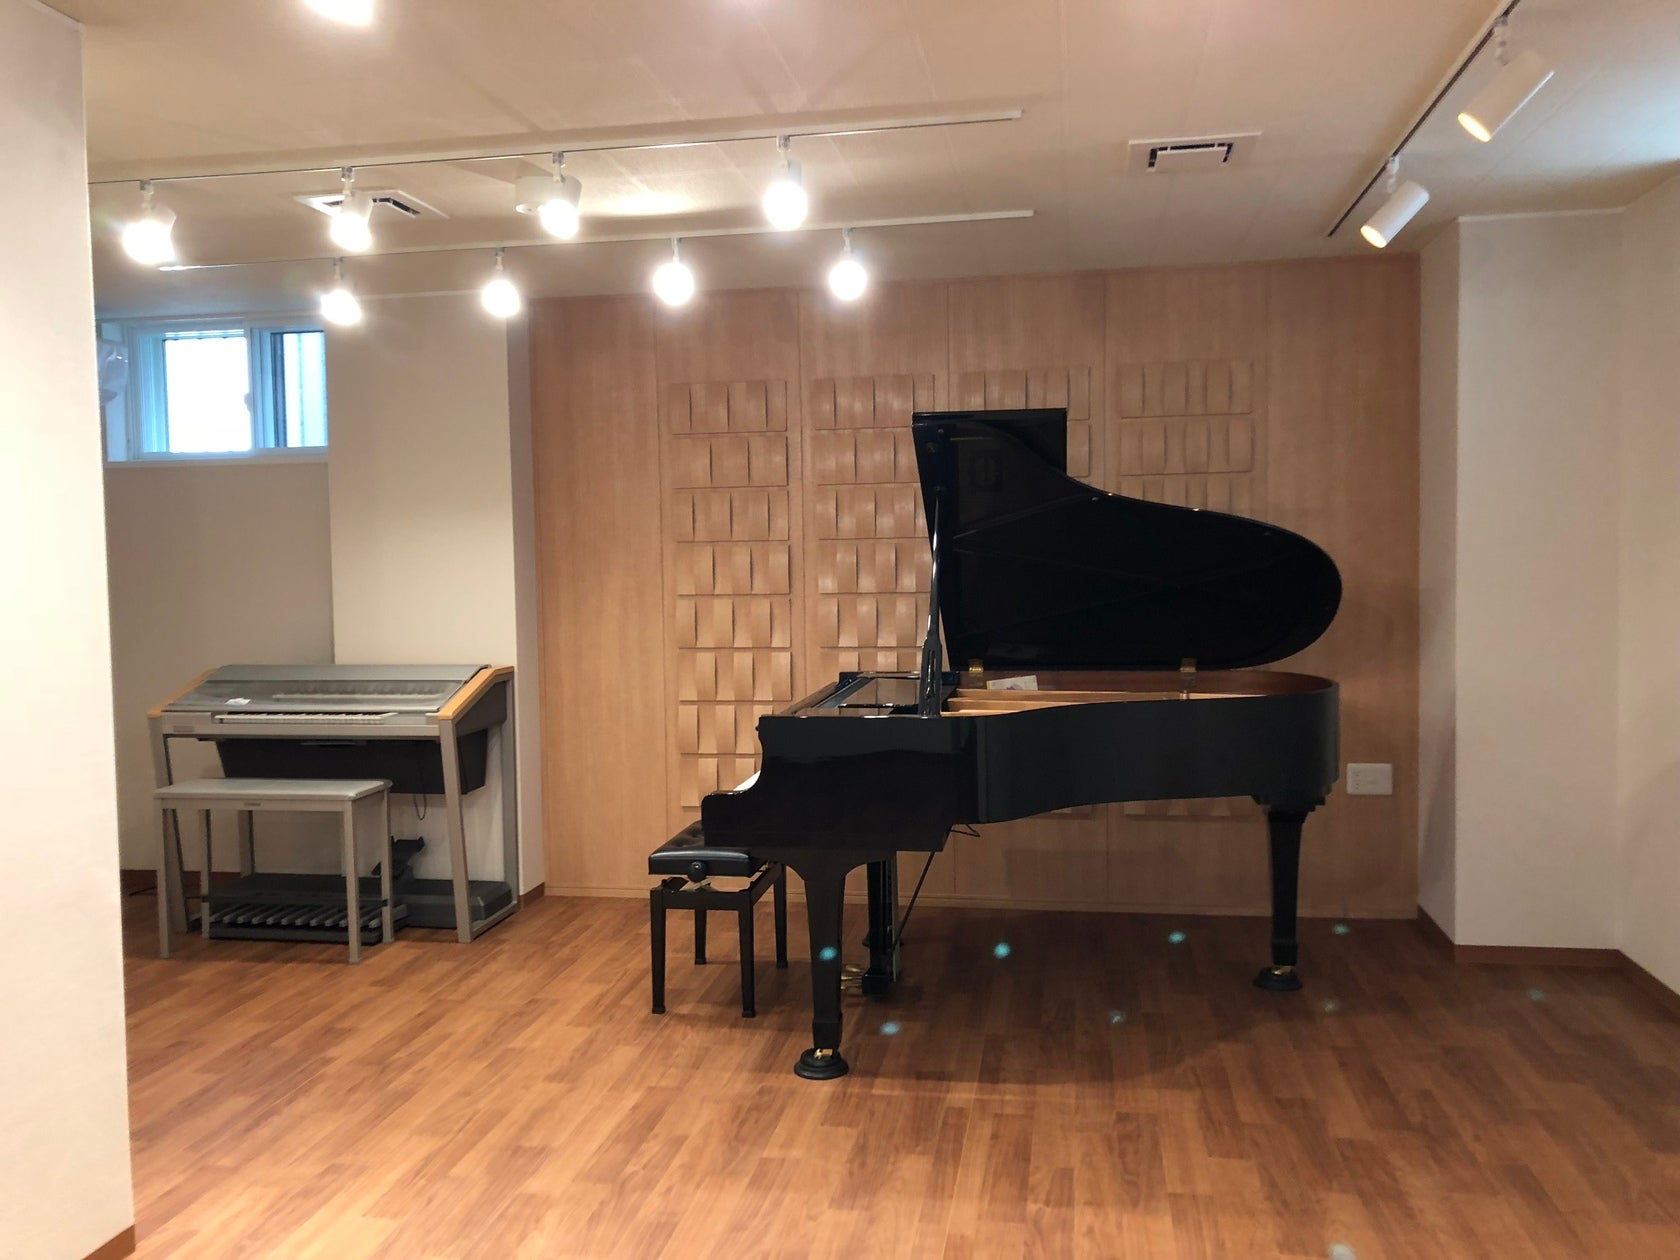 福岡市中央区の音楽スタジオ!グランドピアノ設置!楽器の練習・ミニコンサート・ダンス・セミナーに!(福岡市中央区の音楽スタジオ!グランドピアノ設置!楽器の練習・ミニコンサート・ダンス・セミナーに!) の写真0